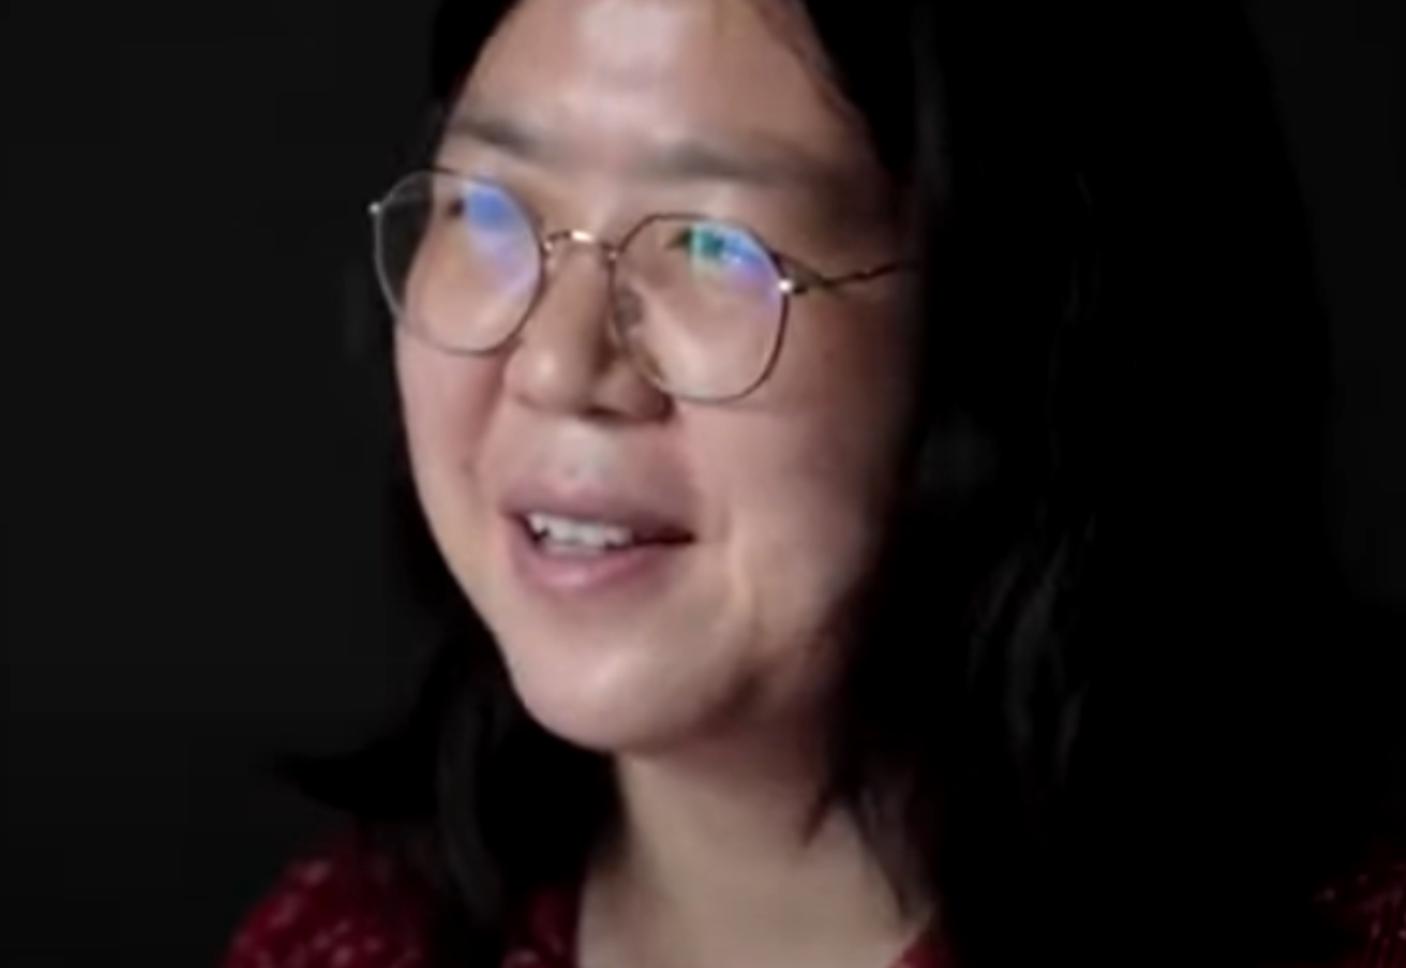 O jurnalistă din China, condamnată la 4 ani de închisoare pentru că a scris despre apariţia noului coronavirus în Wuhan